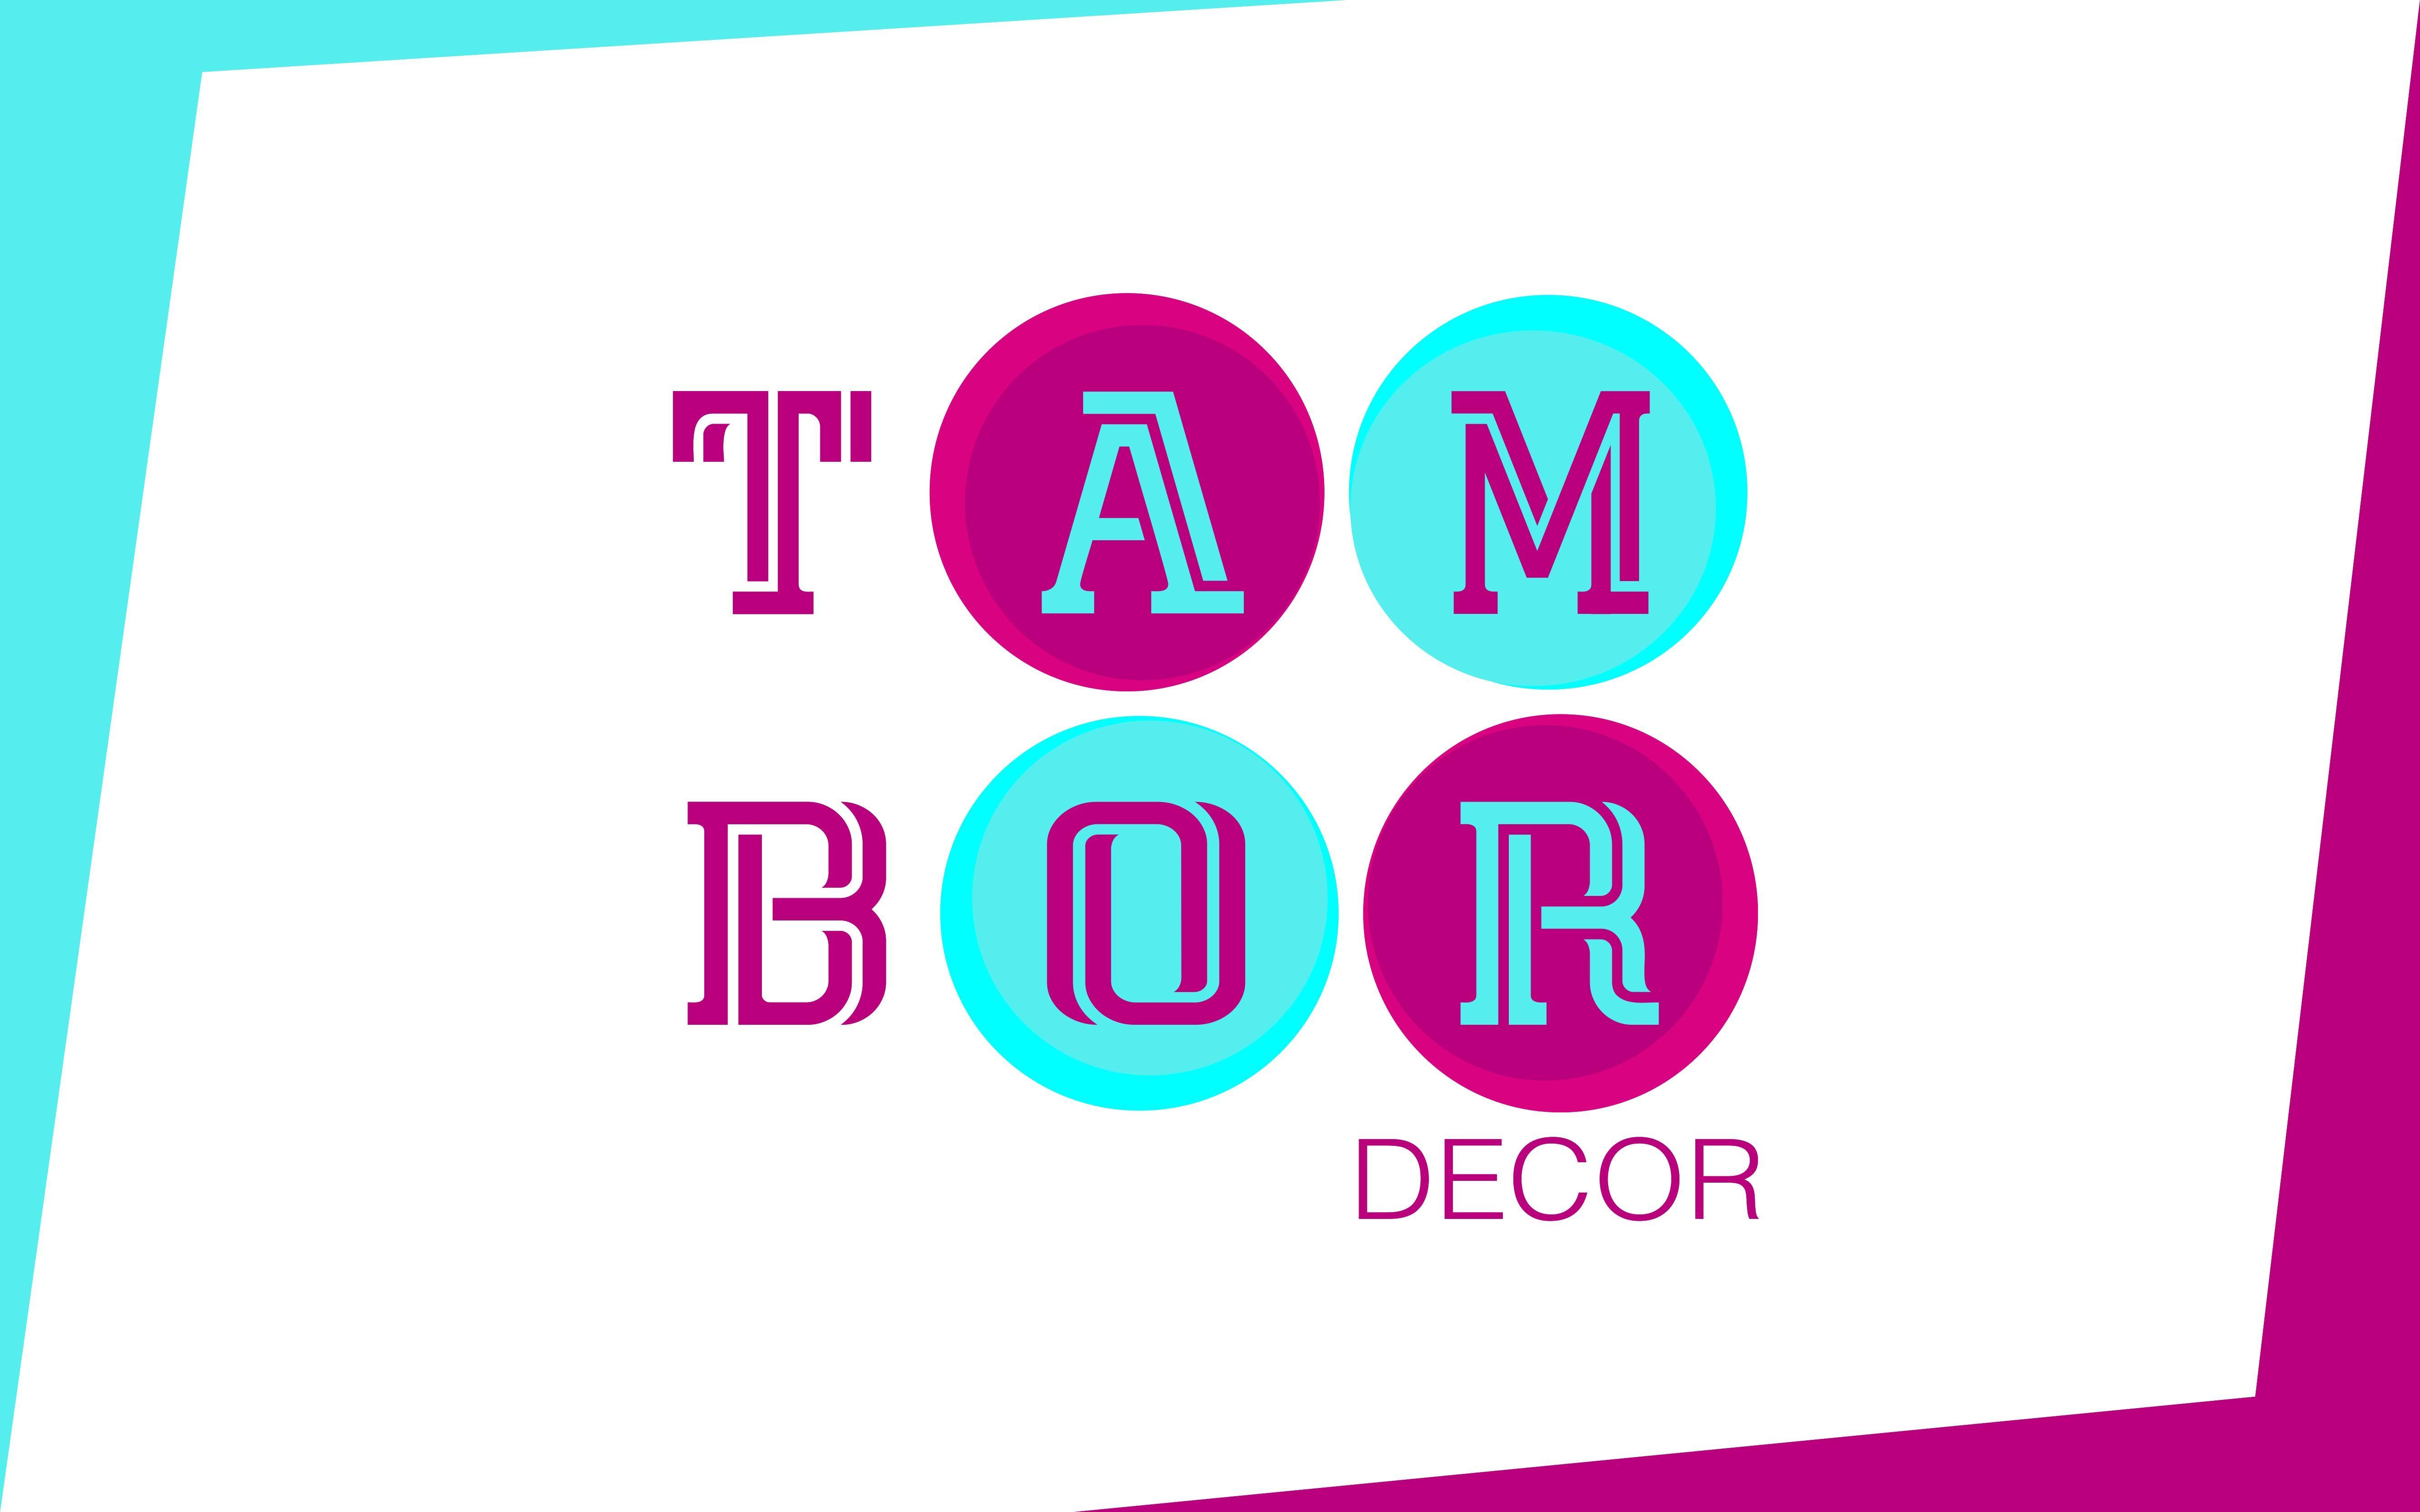 CHEGAMOS!!! A TAMBOR DECOR chegou para deixar seu ambiente com muito mais estilo e originalidade. Nossos tambores decorativos são mais do que apenas um objeto de decoração, eles dão um status de modernidade, originalidade e criatividade ao seu ambiente. Parcele seu produto em até 12x no cartão. FRETE GRÁTIS para o município do Rio de Janeiro! Acesse nossa loja virtual: WWW.TAMBORDECOR.COM #tambordecor #tambordecorativo #decoração #designdeinteriores #criatividade #novasideias